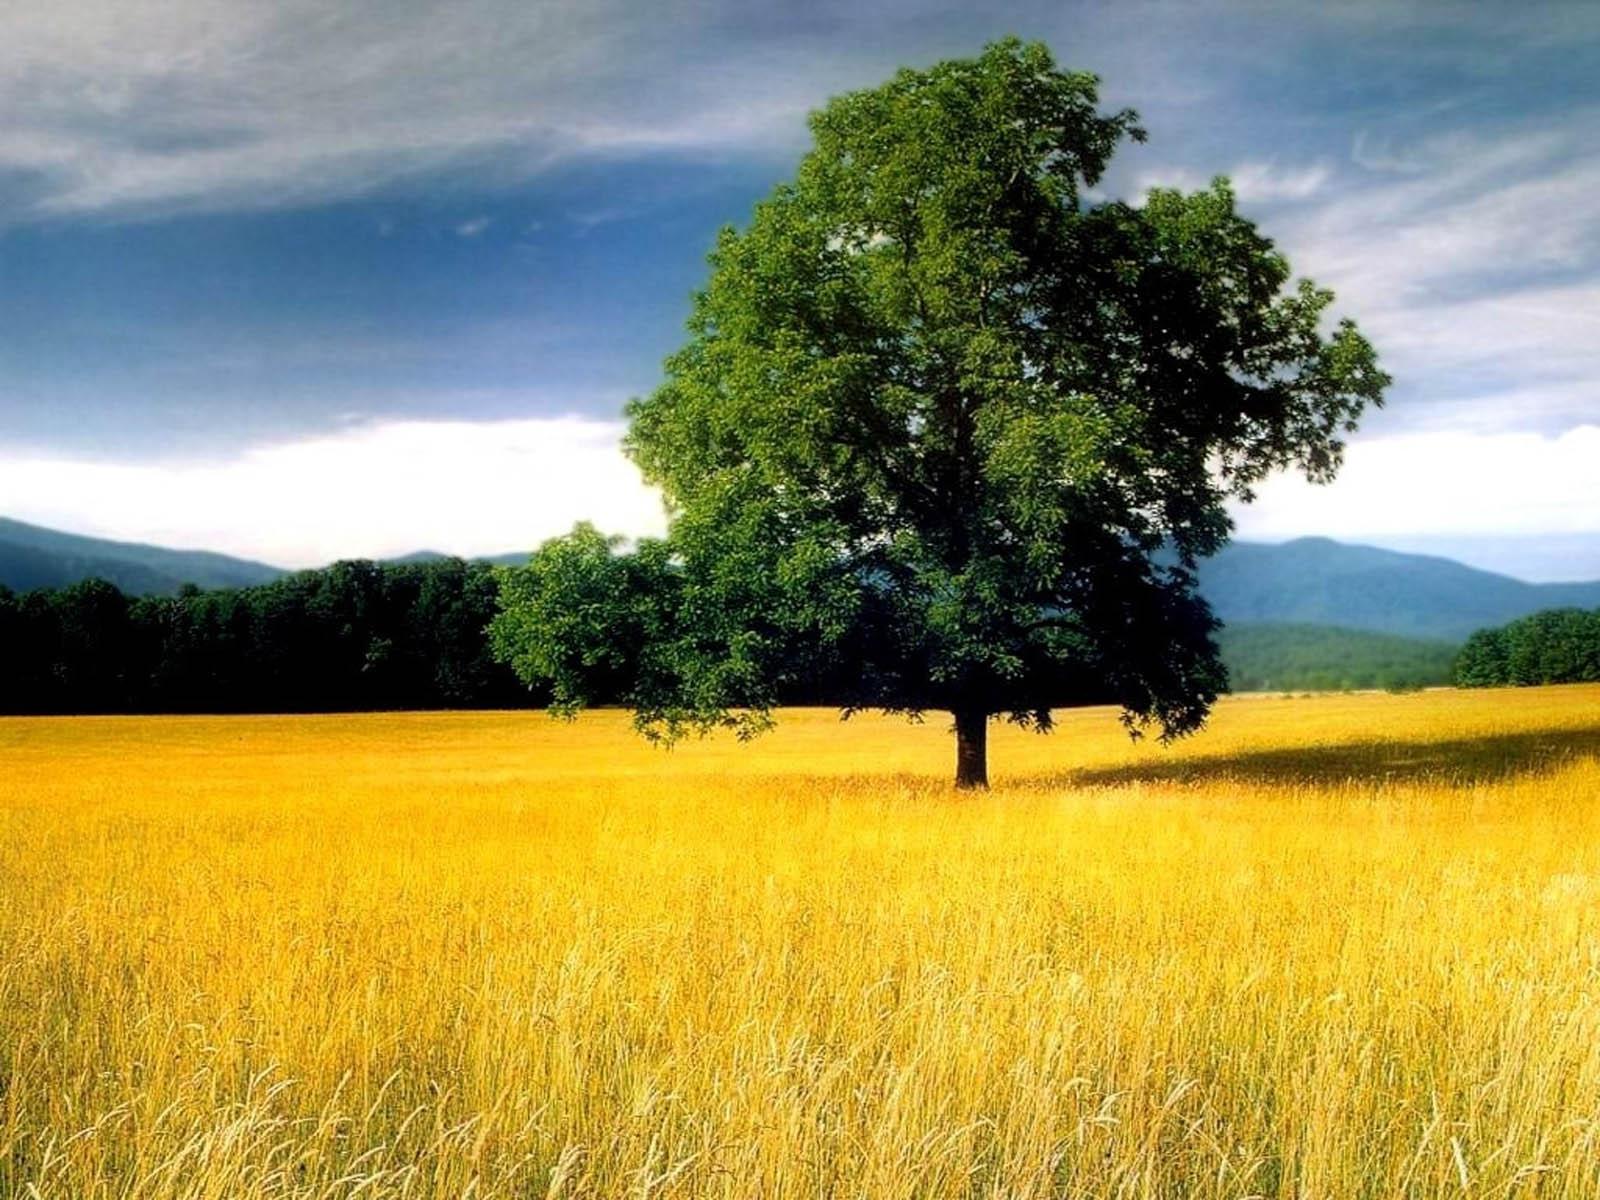 Tree+In+Field+Wallpapers+6